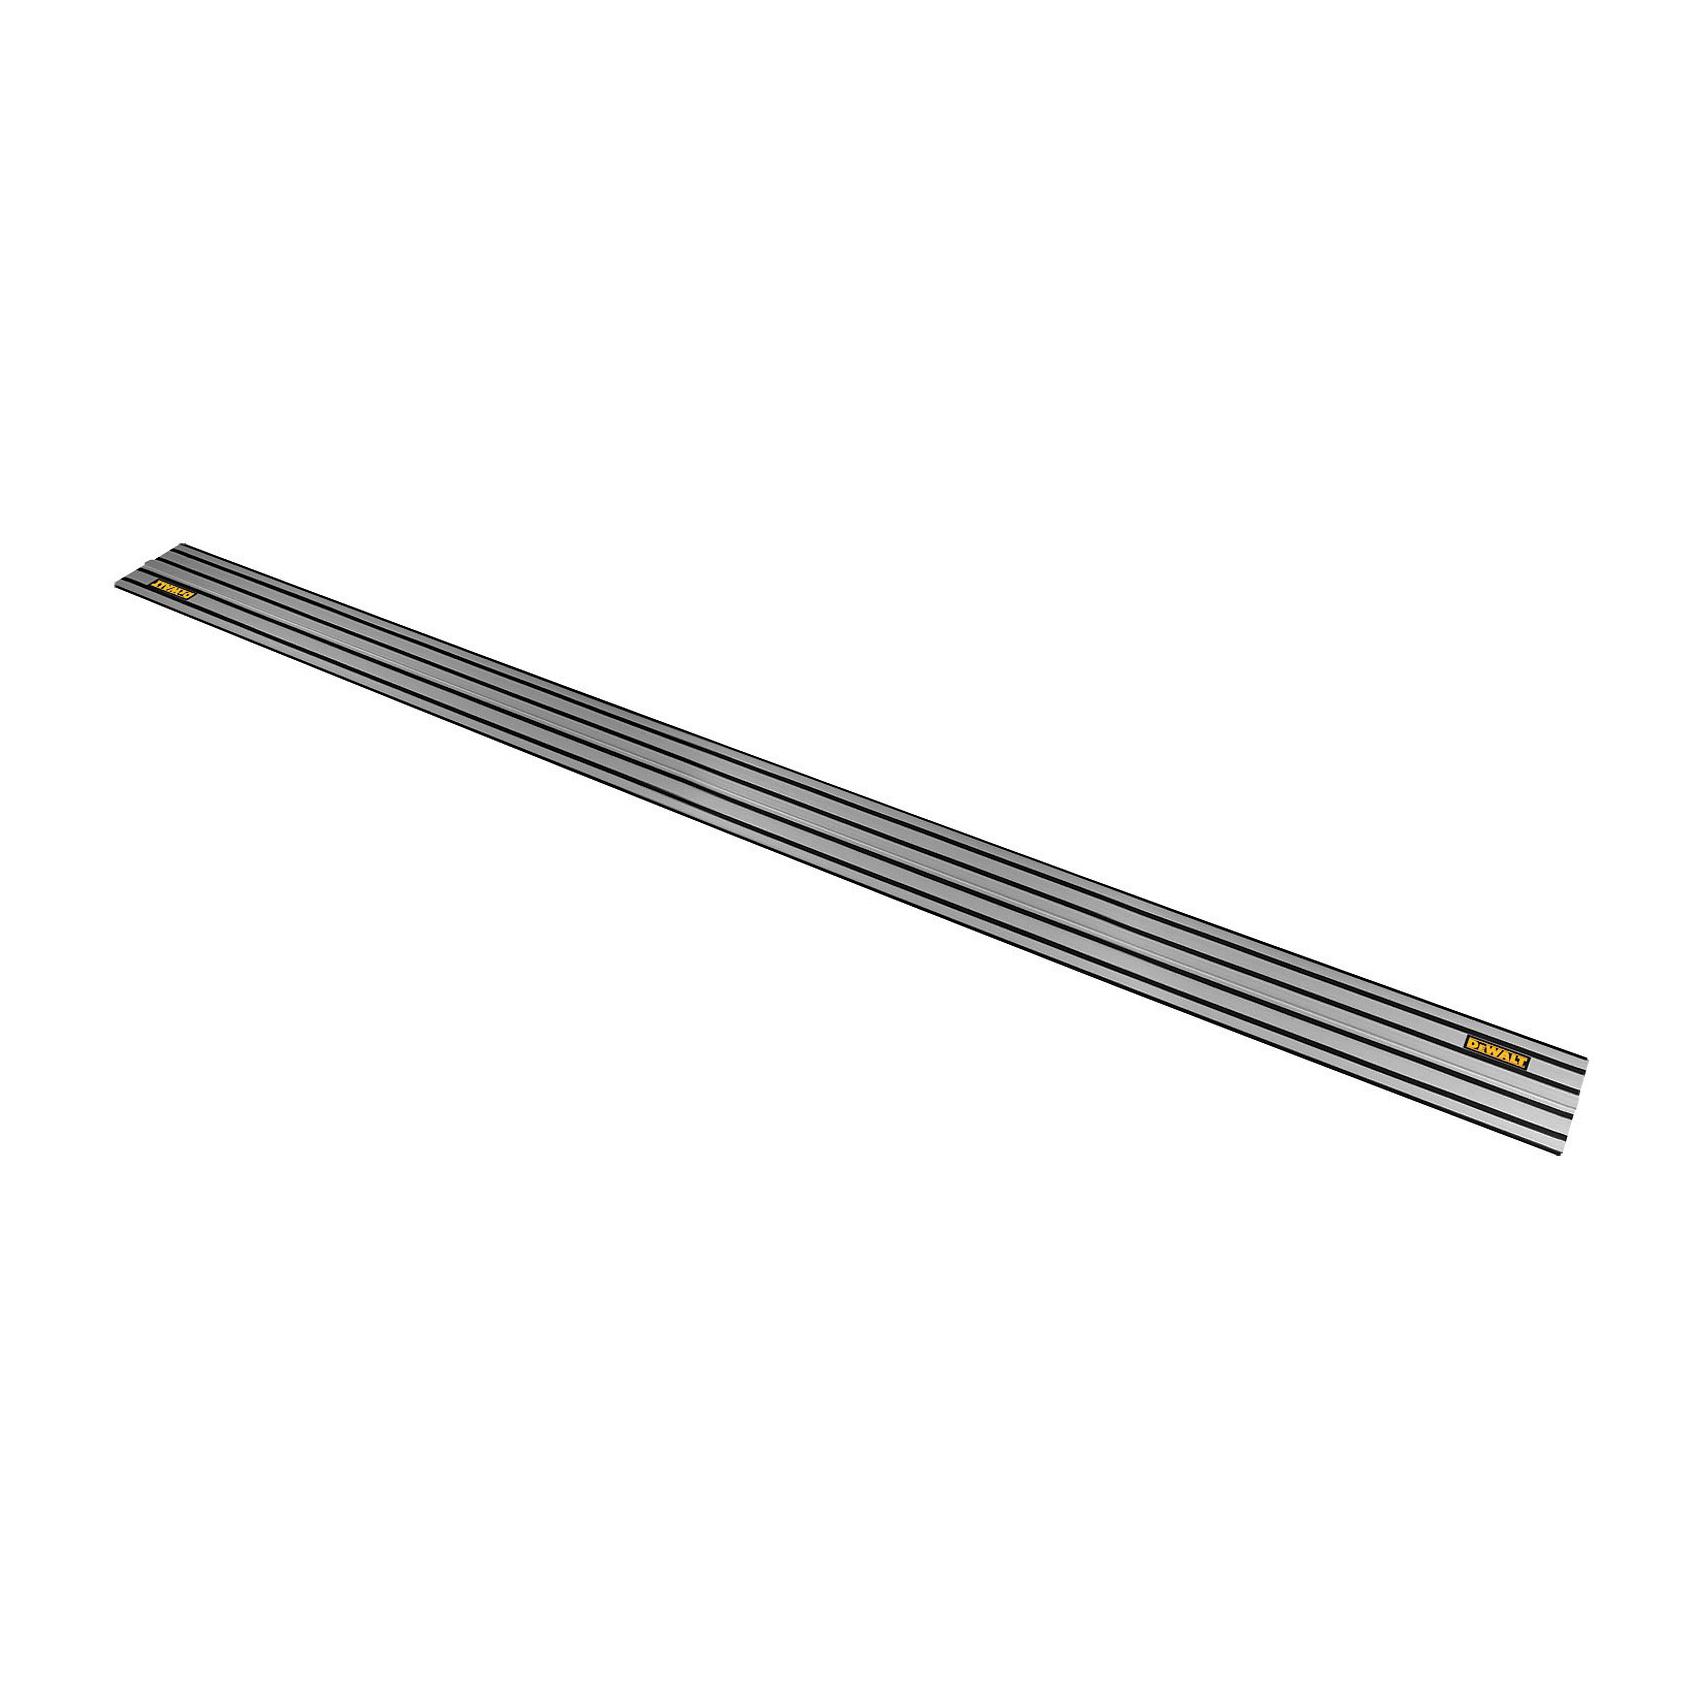 DeWALT® TrackSaw™ DWS5023 Track, For Use With DeWALT® Corded Power Tools